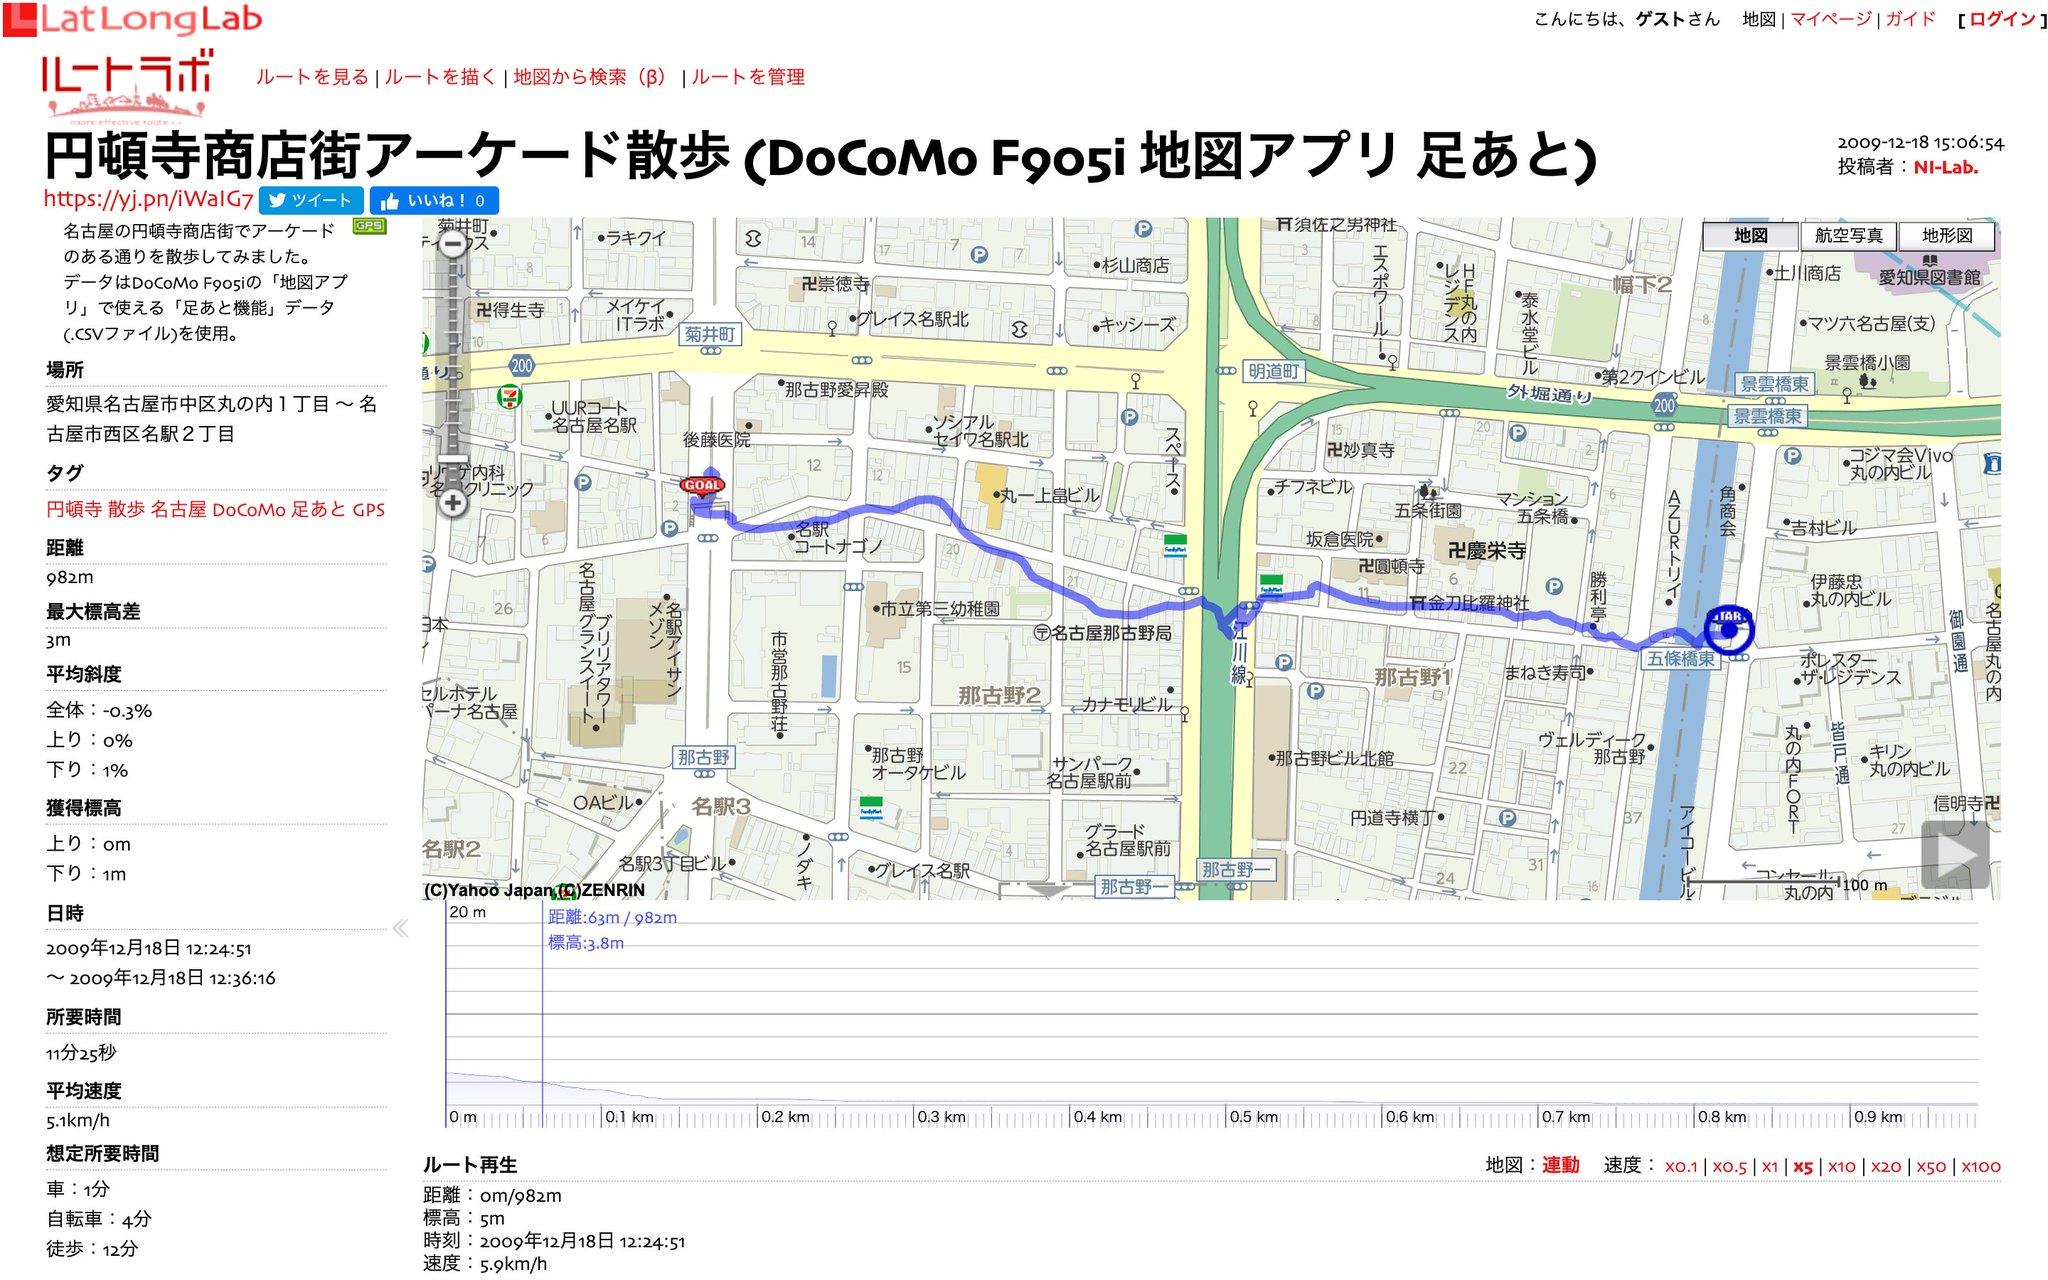 「名古屋の円頓寺商店街でアーケードのある通りを散歩してみました。データはDoCoMo F905iの「地図アプリ」で使える「足あと機能」データ(.CSVファイル)を使用」  円頓寺商店街アーケード散歩 (DoCoMo F905i 地図アプリ 足あと) - ルートラボ - LatLongLab https://t.co/m9gVOLaoJ9 https://t.co/LkchcHzKLn